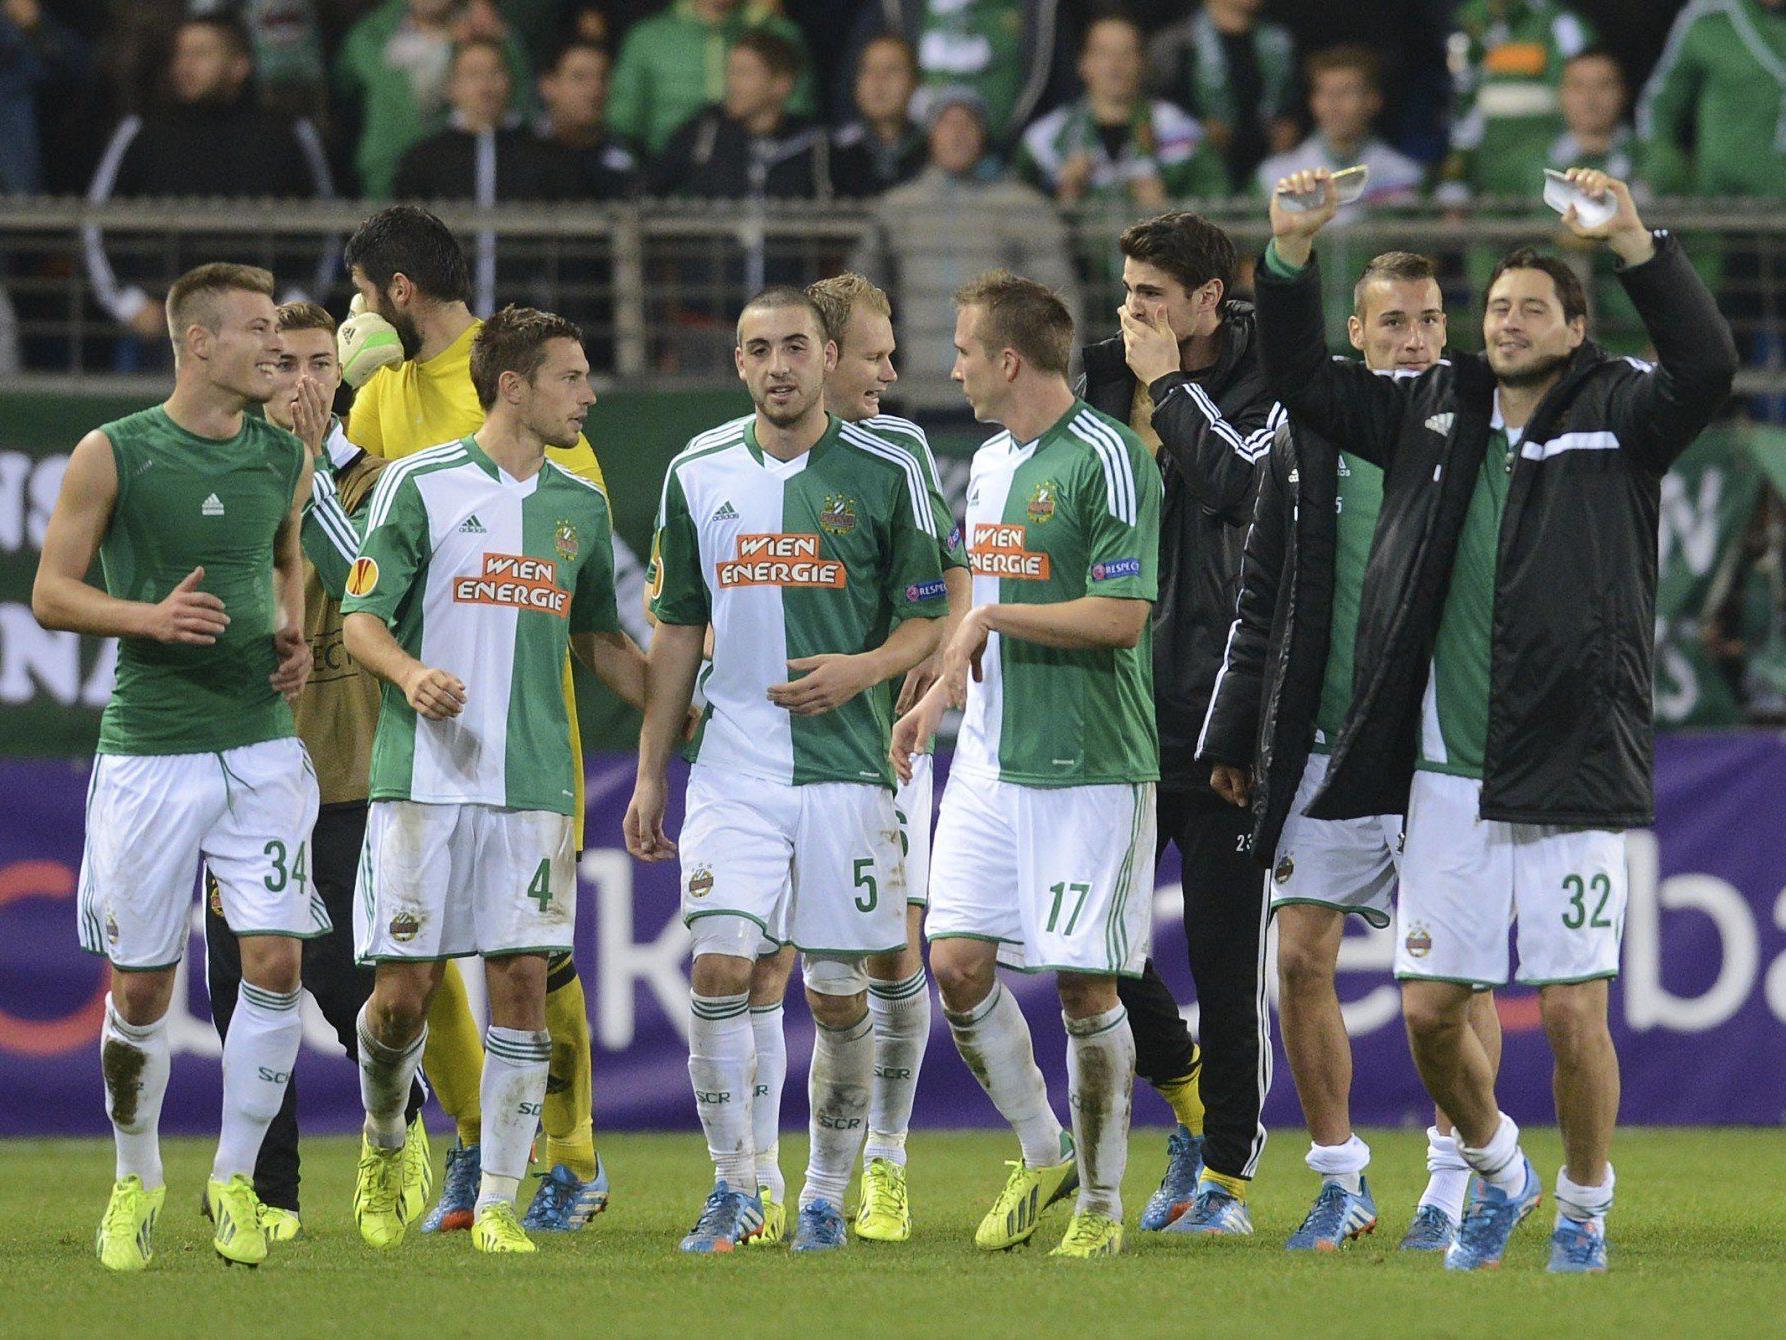 Die Stimmen zum Spiel KRC Genk gegen SK Rapid Wien: Freude bei Rapid in der Europa League.